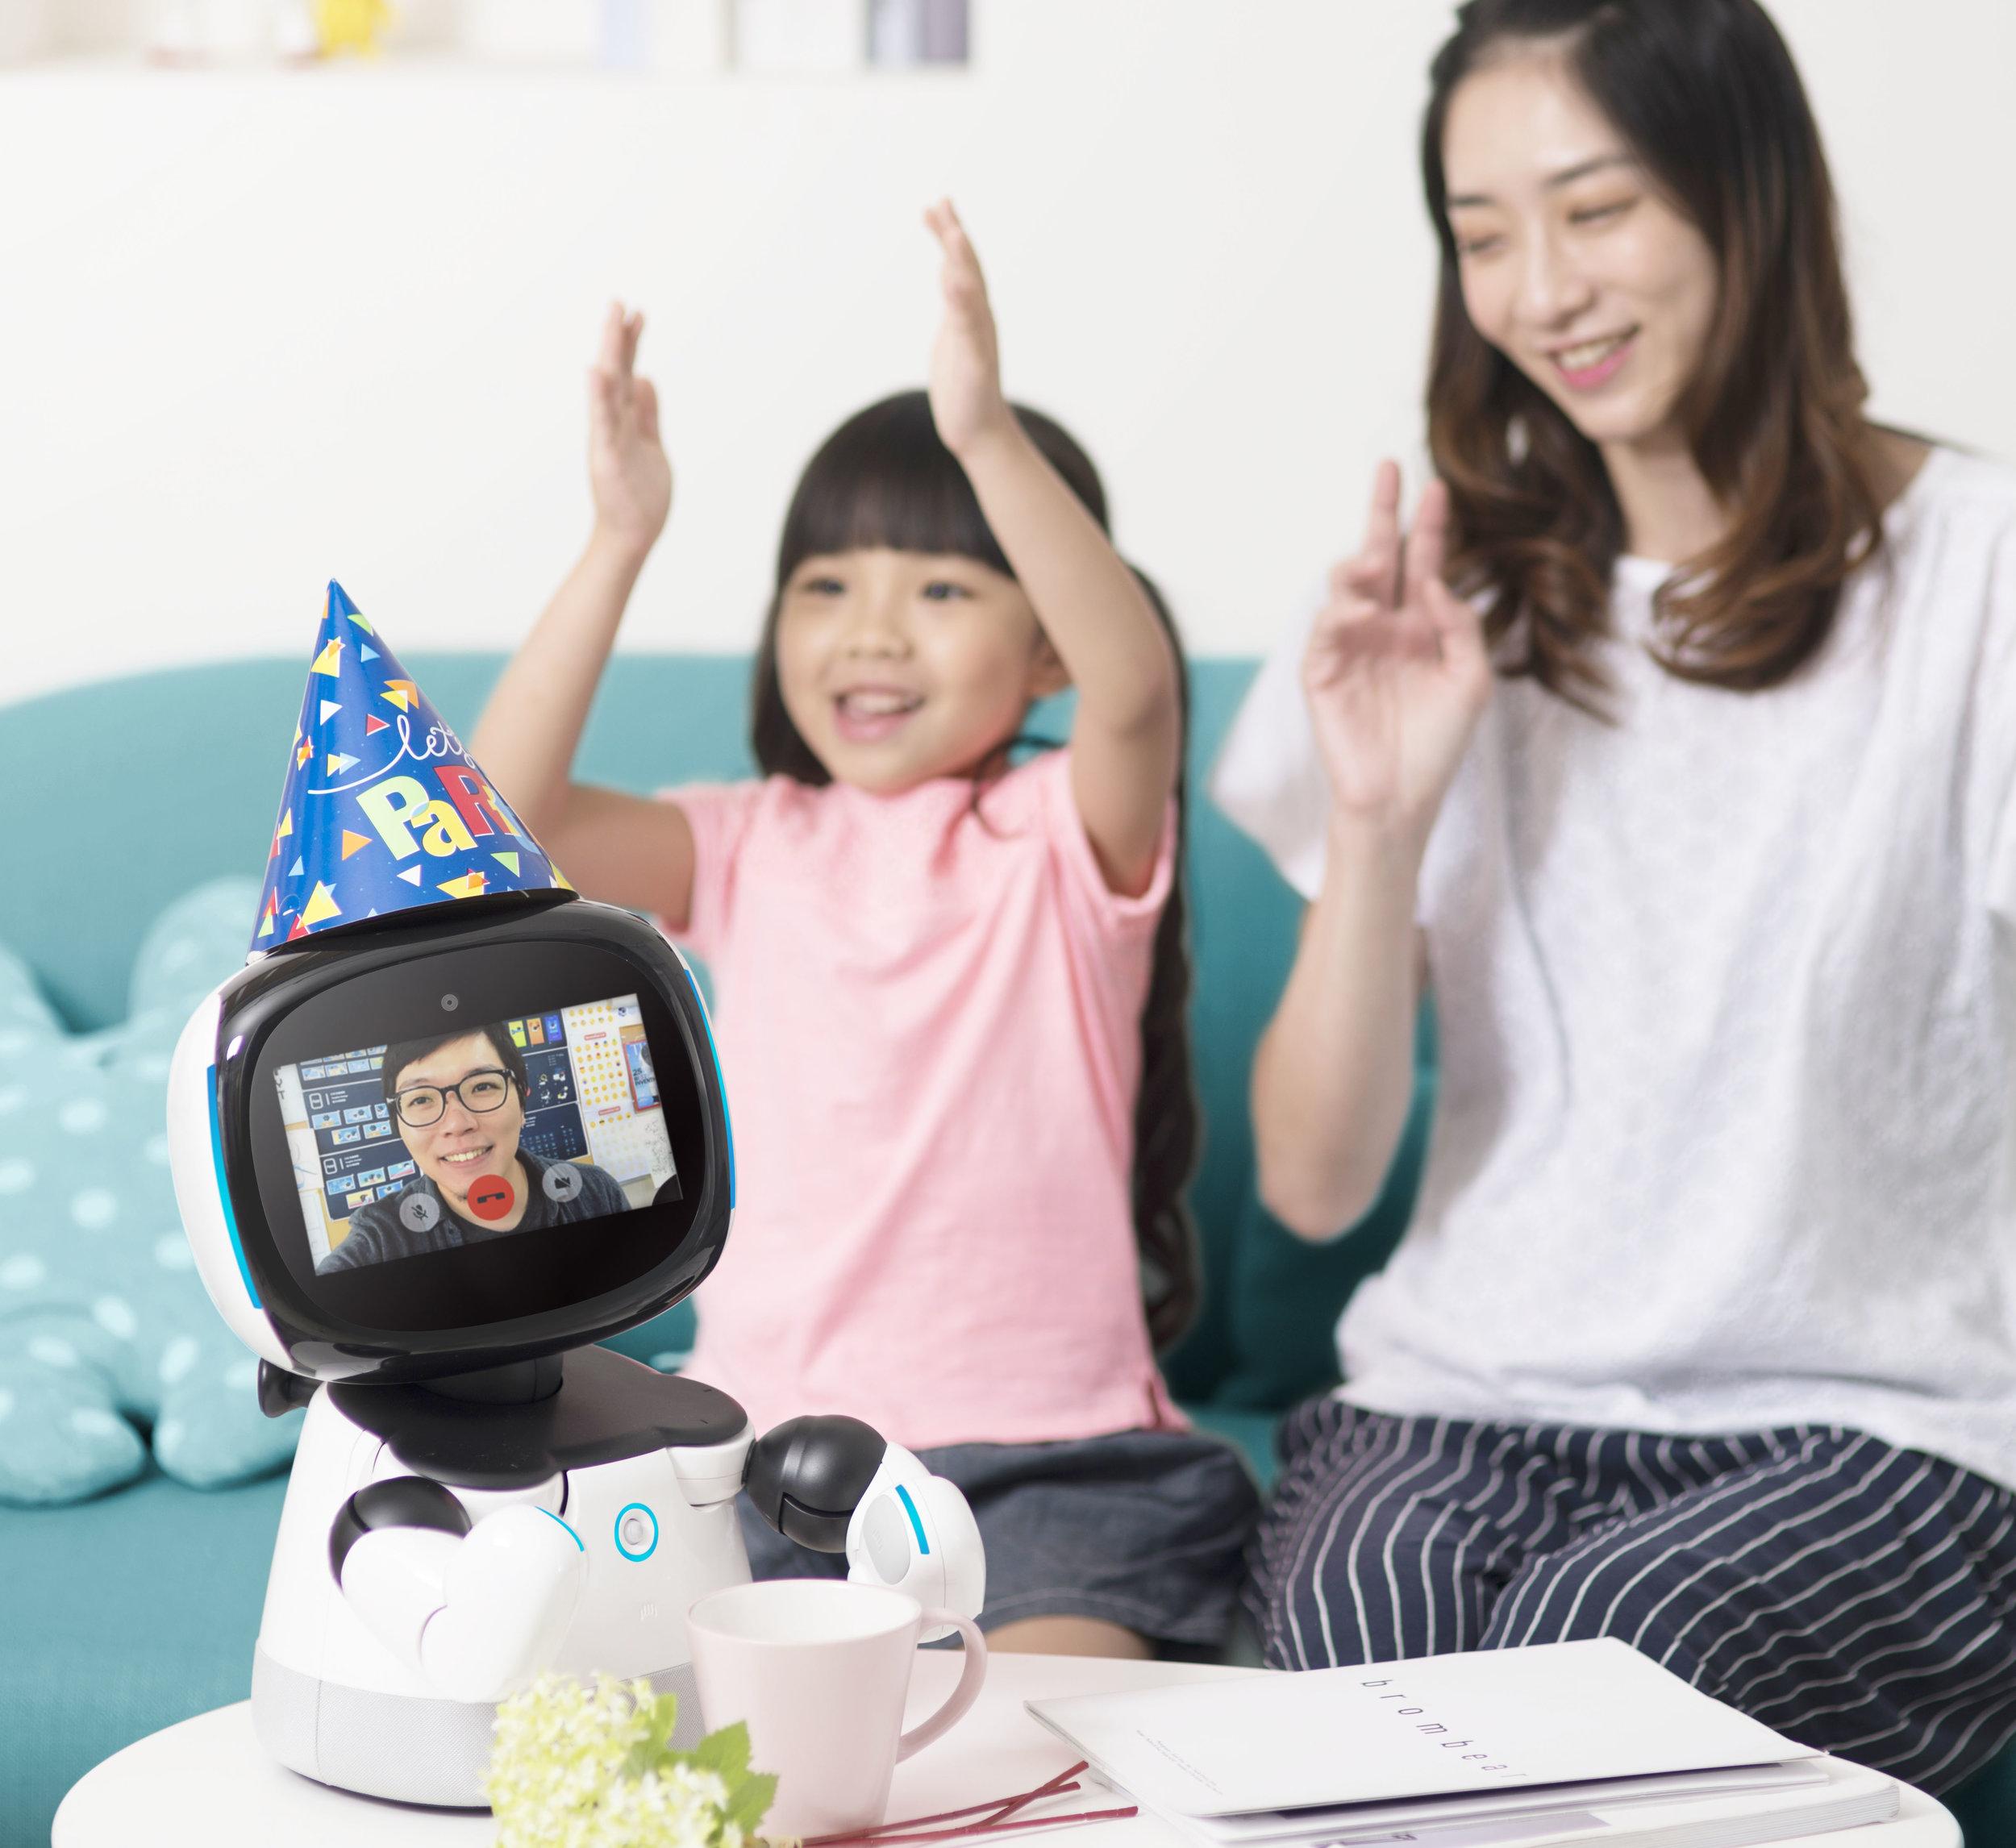 視訊電話  一個口令輕鬆撥打視訊電話,還能遠端進行移動遙控。